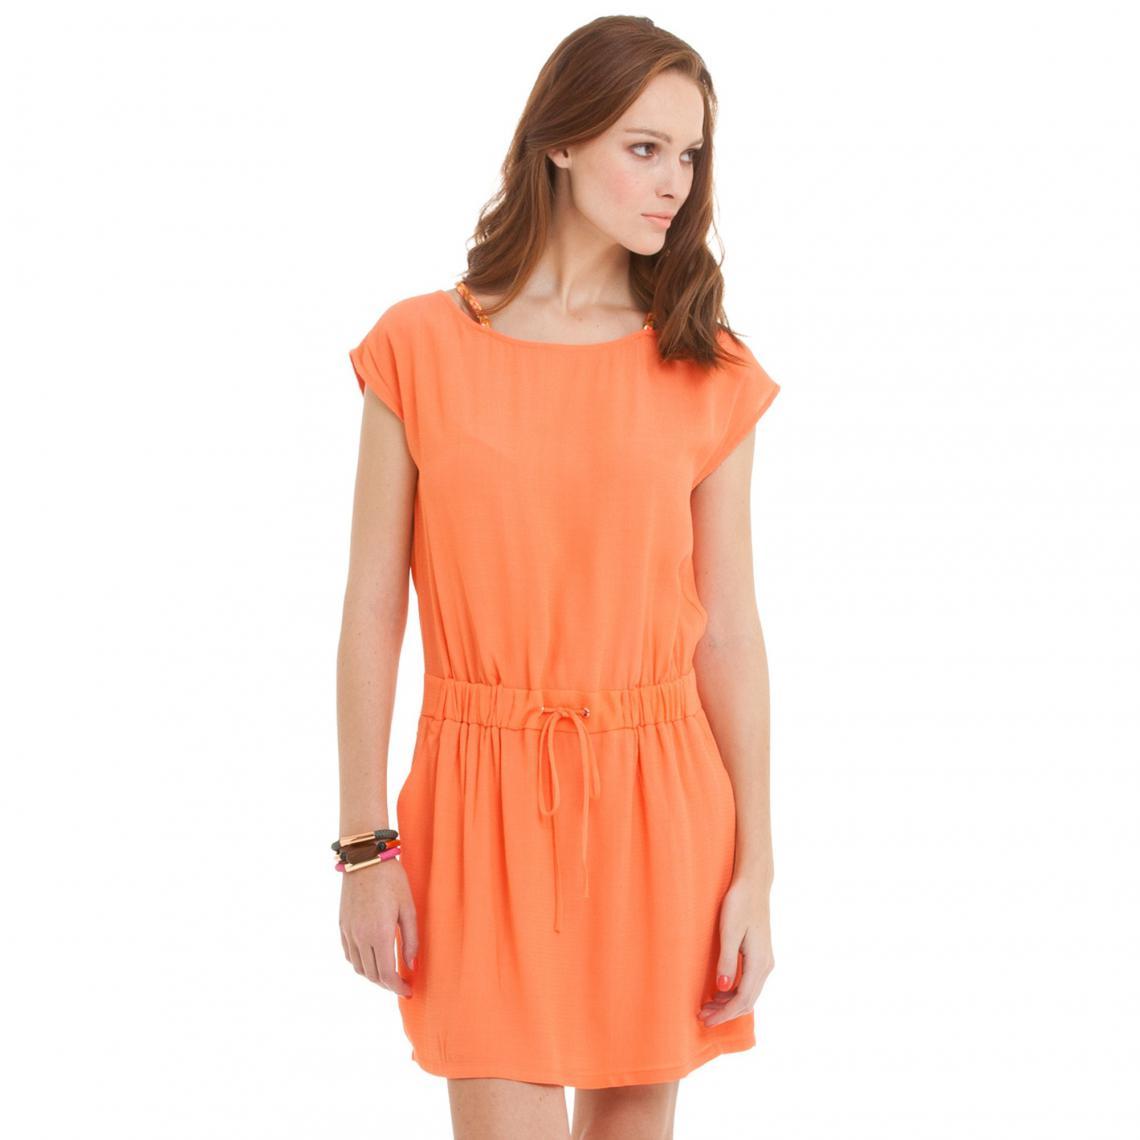 1604861a995 Robe courte à bretelles tressées fluo femme Color Block - Orange Color  Block Femme